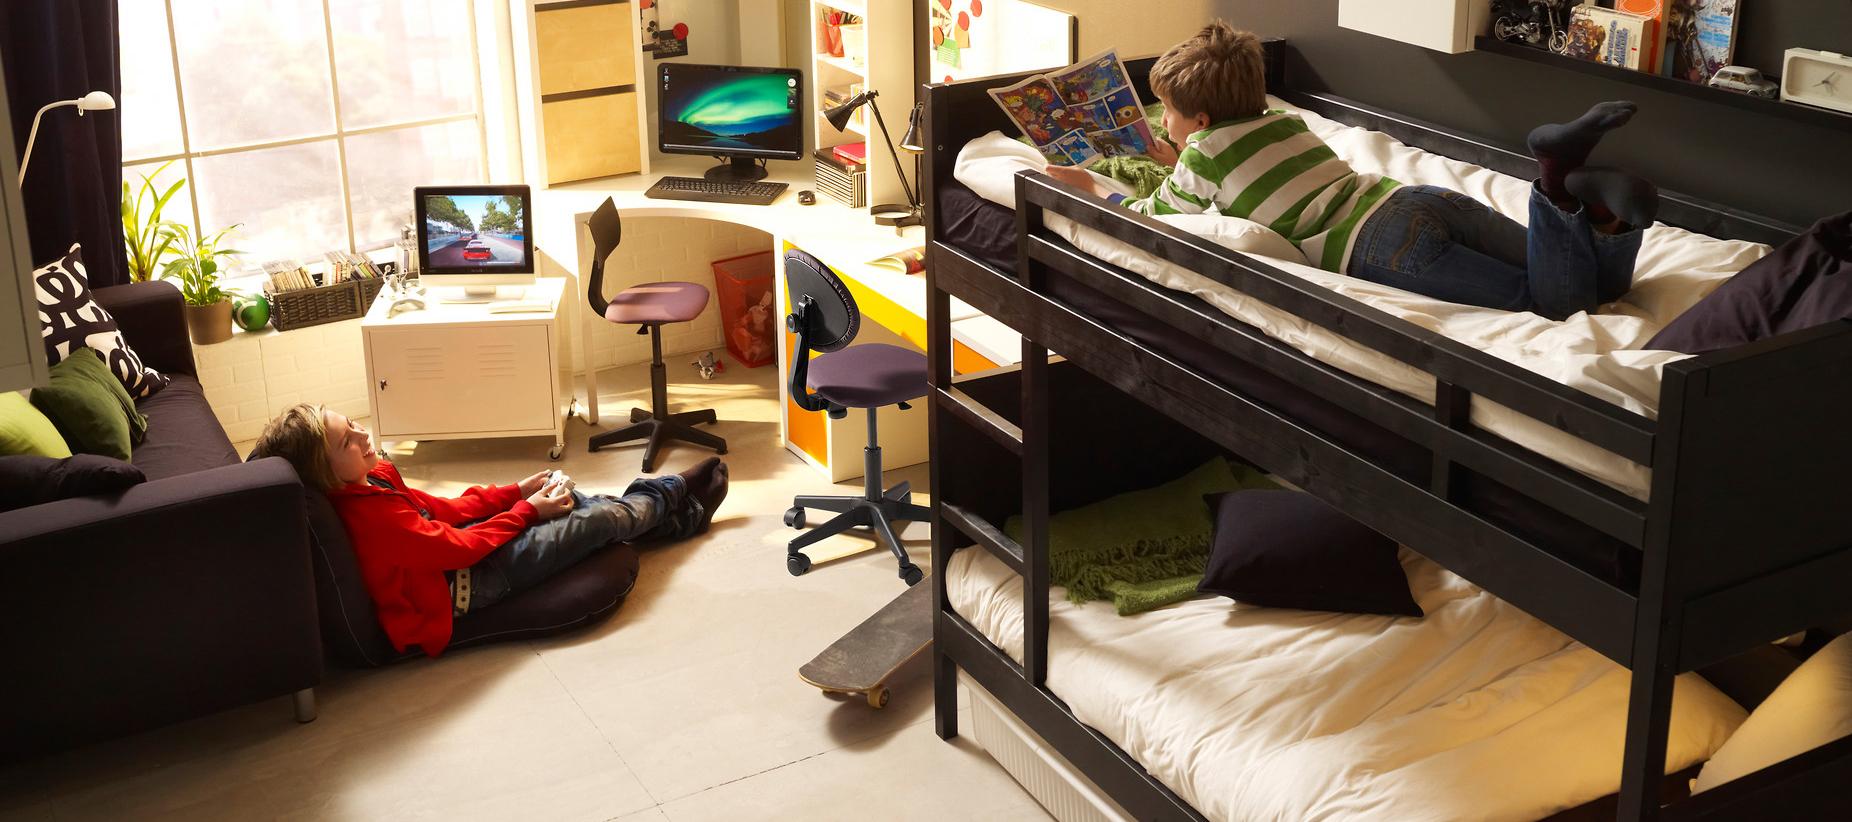 двухъярусные кровати икеа фото и цены